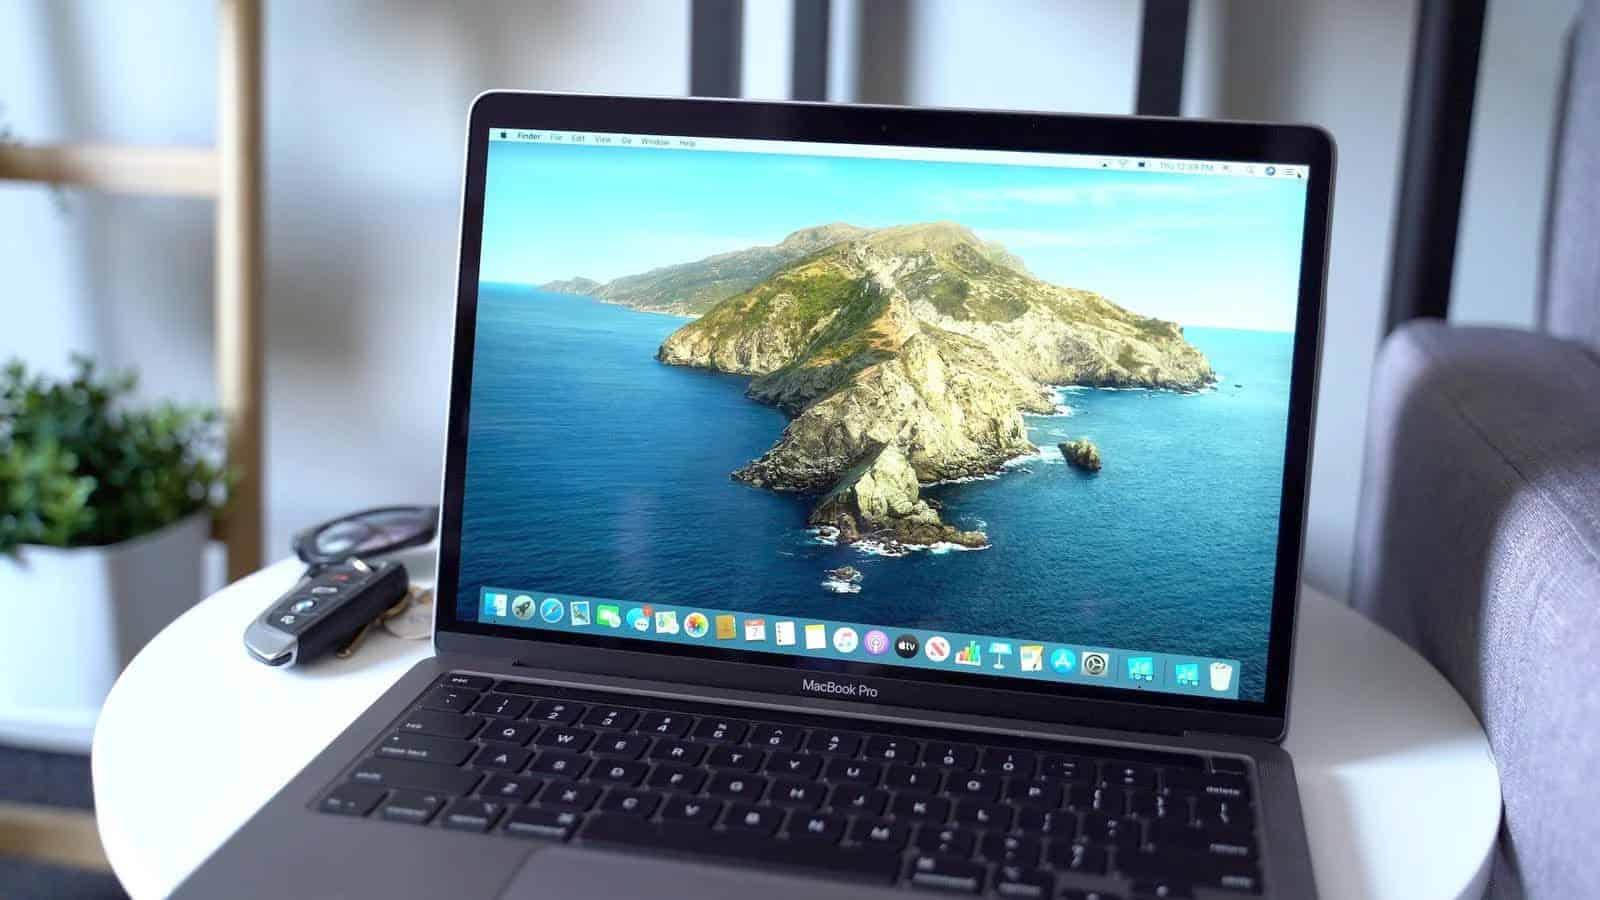 macbook pro mxk62